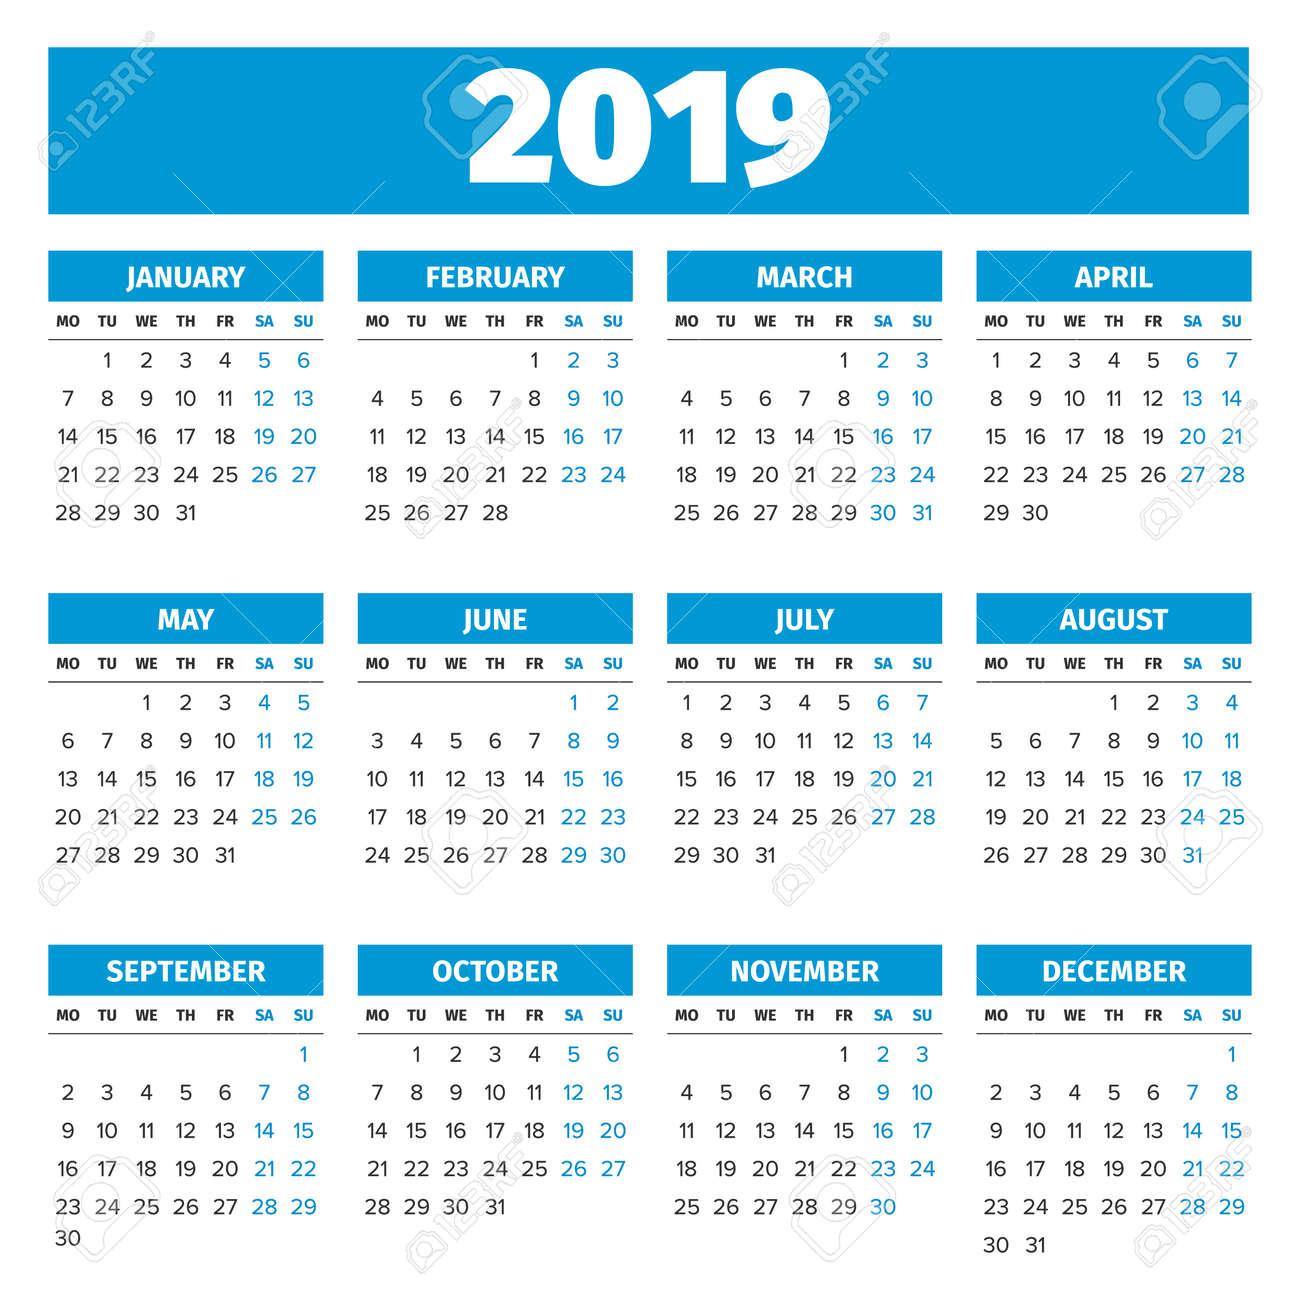 Semaine 2019 Calendrier.Simple 2019 Calendrier De L Annee La Semaine Commence Le Lundi